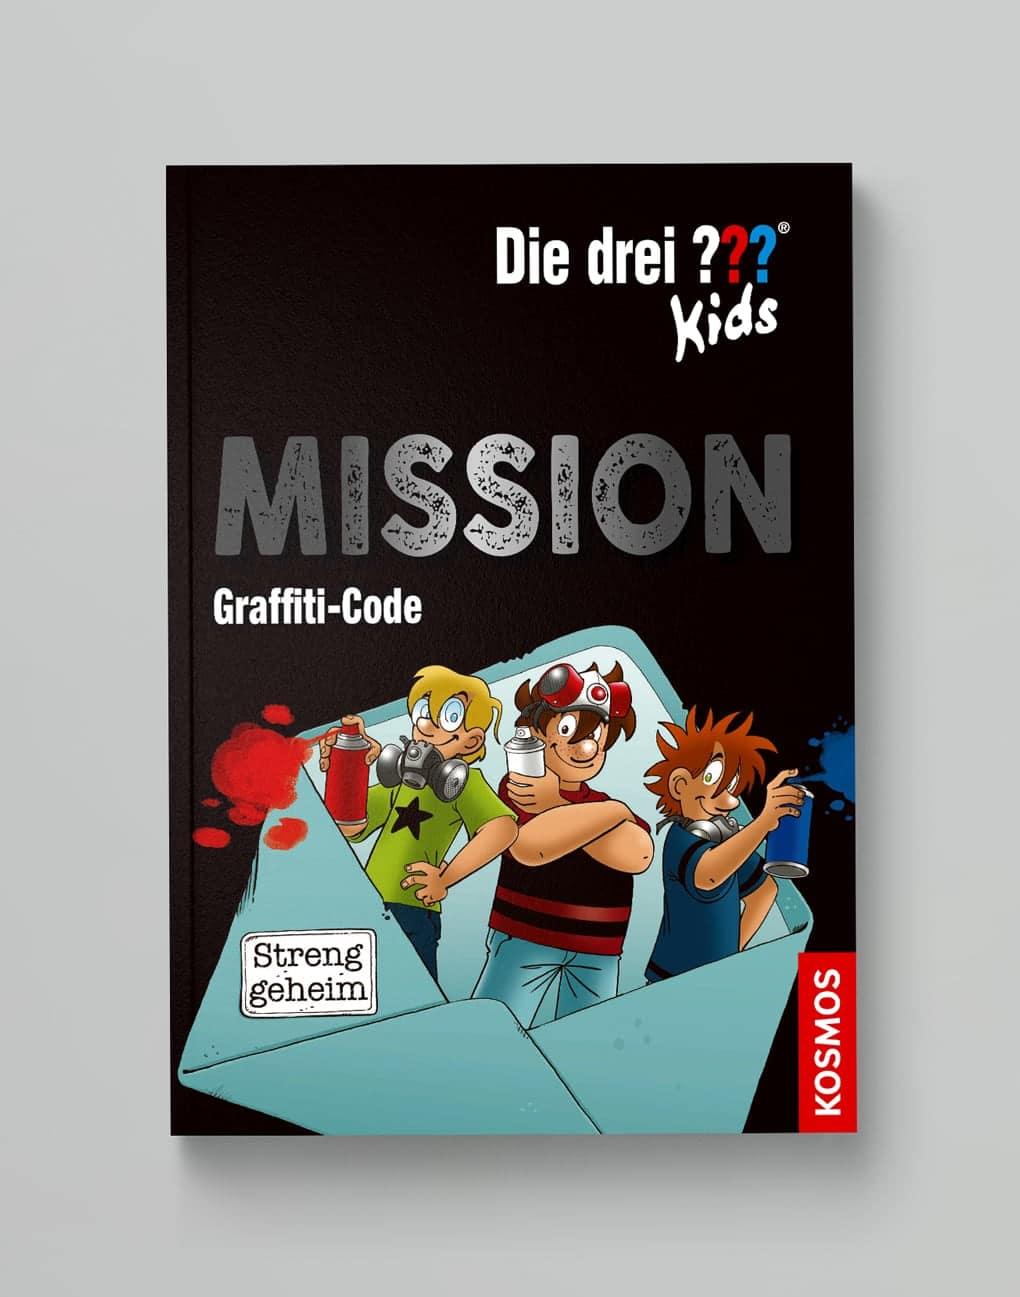 Die drei ??? Kids<br>Mission Griffiti-Code